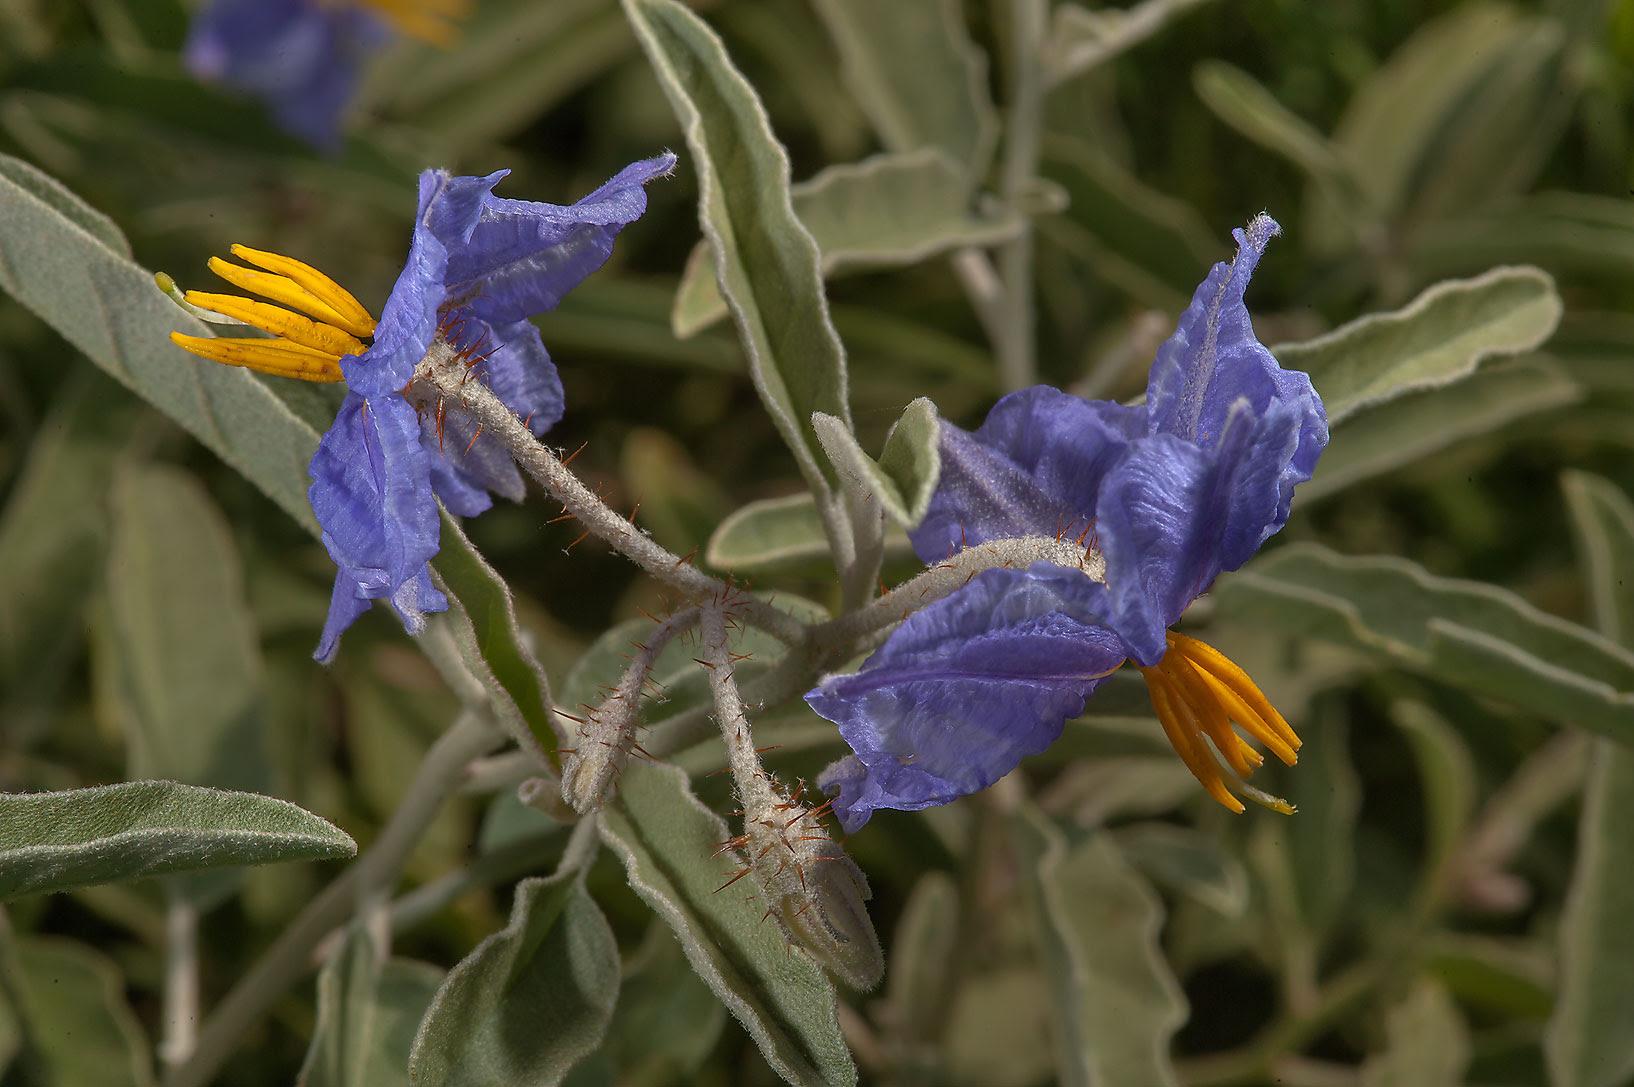 Αποτέλεσμα εικόνας για Solanum elaeagnifolium,